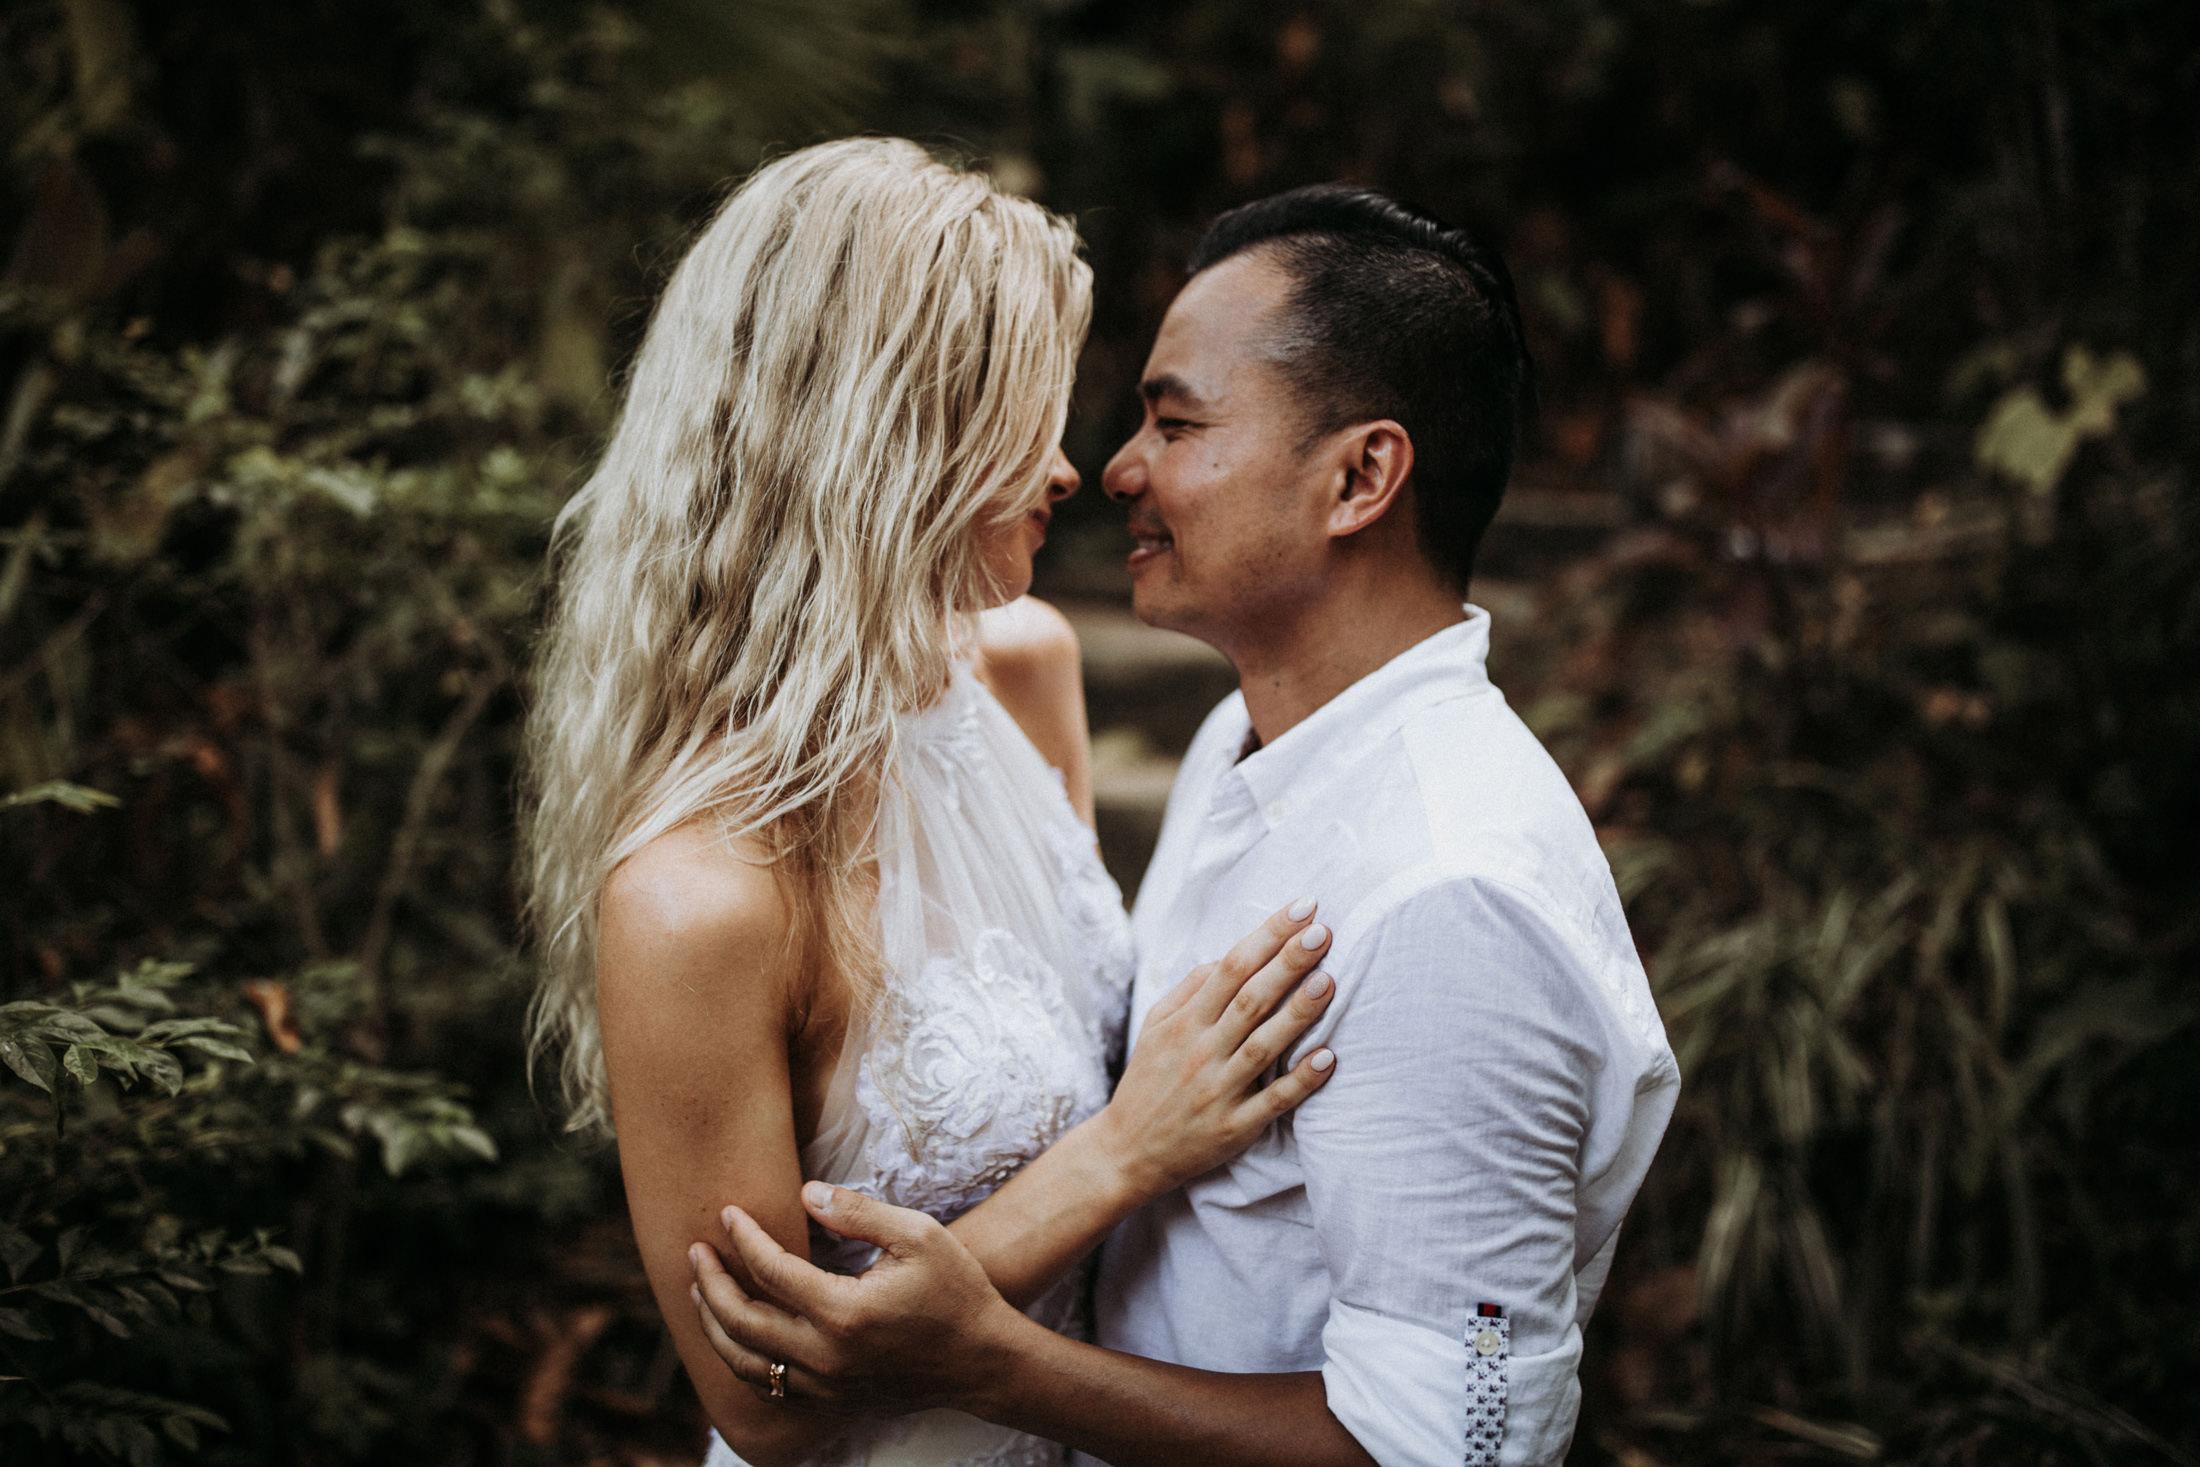 DanielaMarquardt_Wedding_Thailand_459